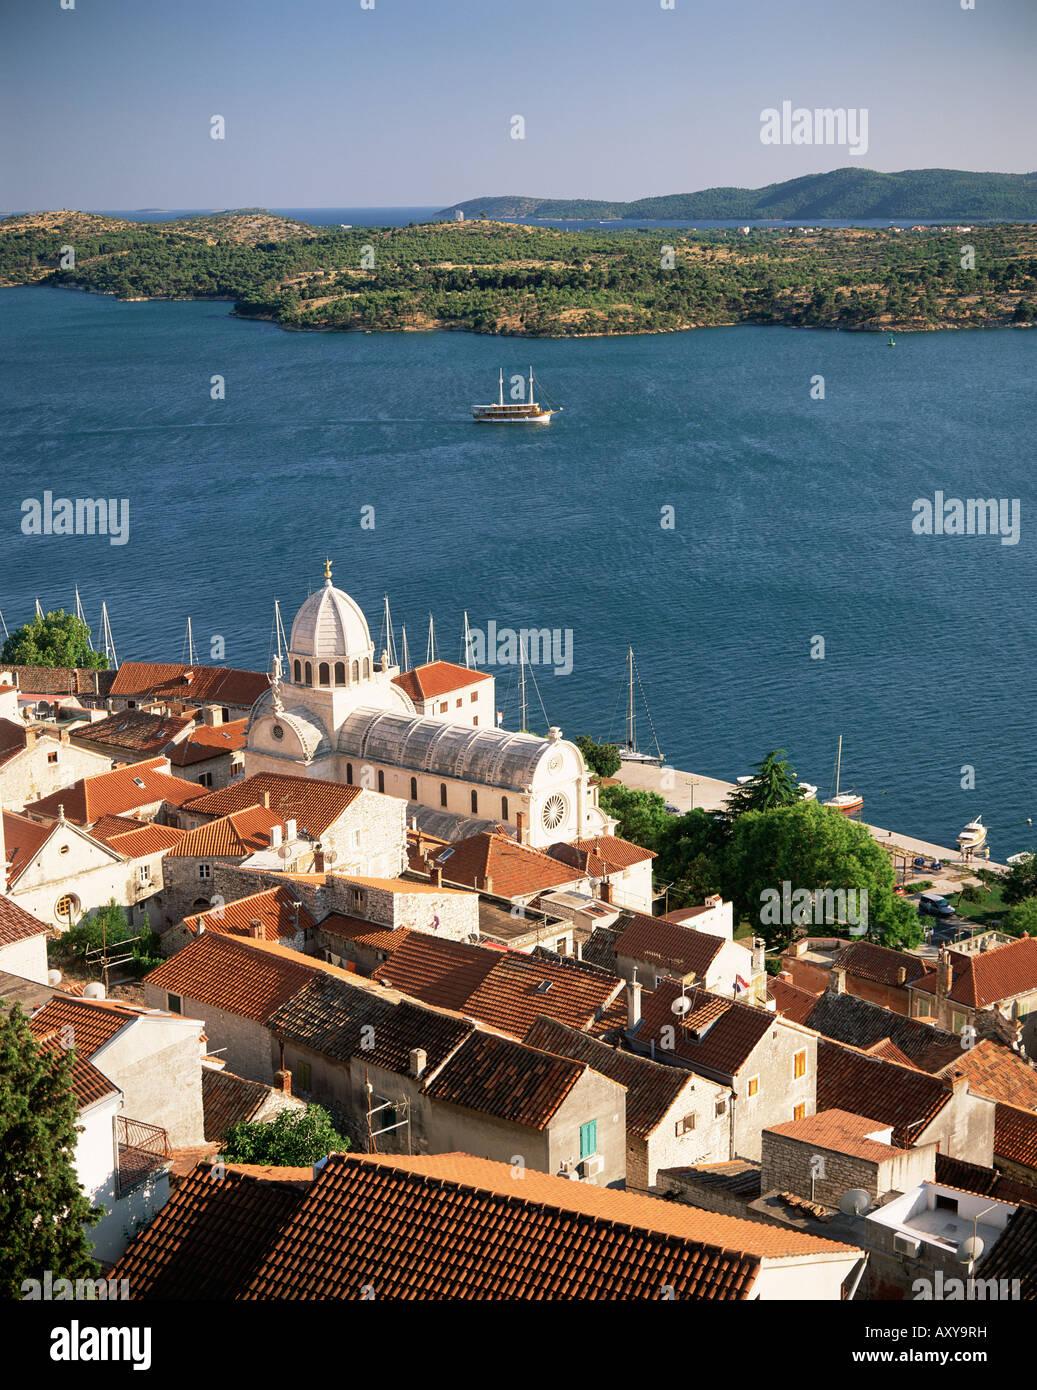 Erhöhten Blick auf die Altstadt und die Kathedrale von St. Jacob, Sibenik, Knin Region Dalmatien, Dalmatien, Stockbild